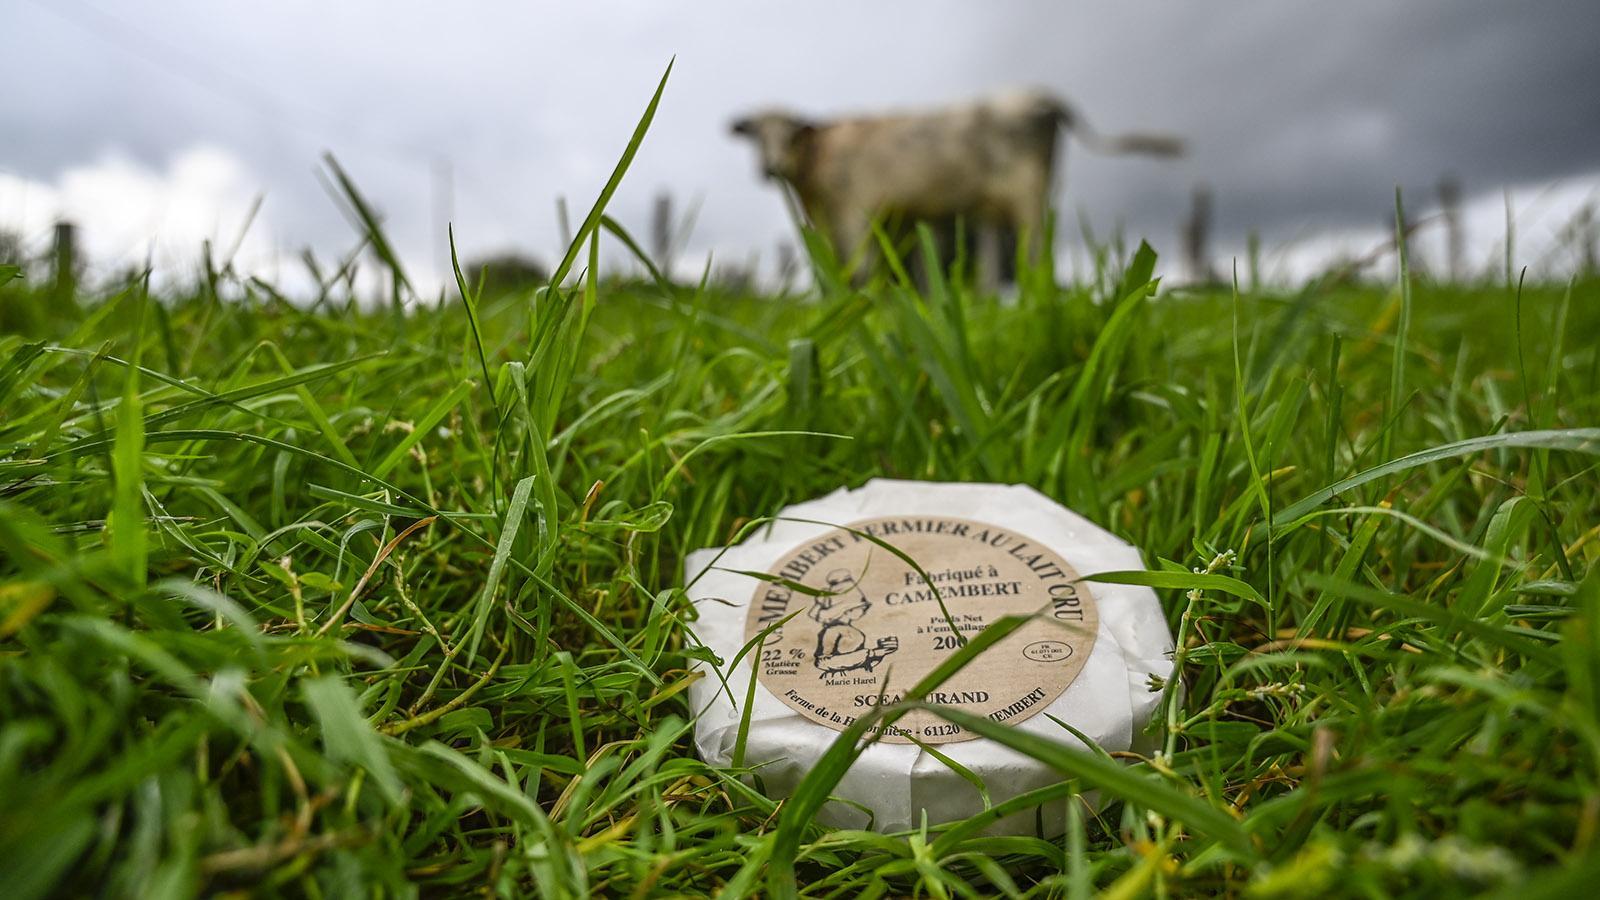 Nur die Fromagerie Durand fertigt den Camembert vor Ort noch ganz handwerklich aus Rohmilch. Foto: Hilke Maunder